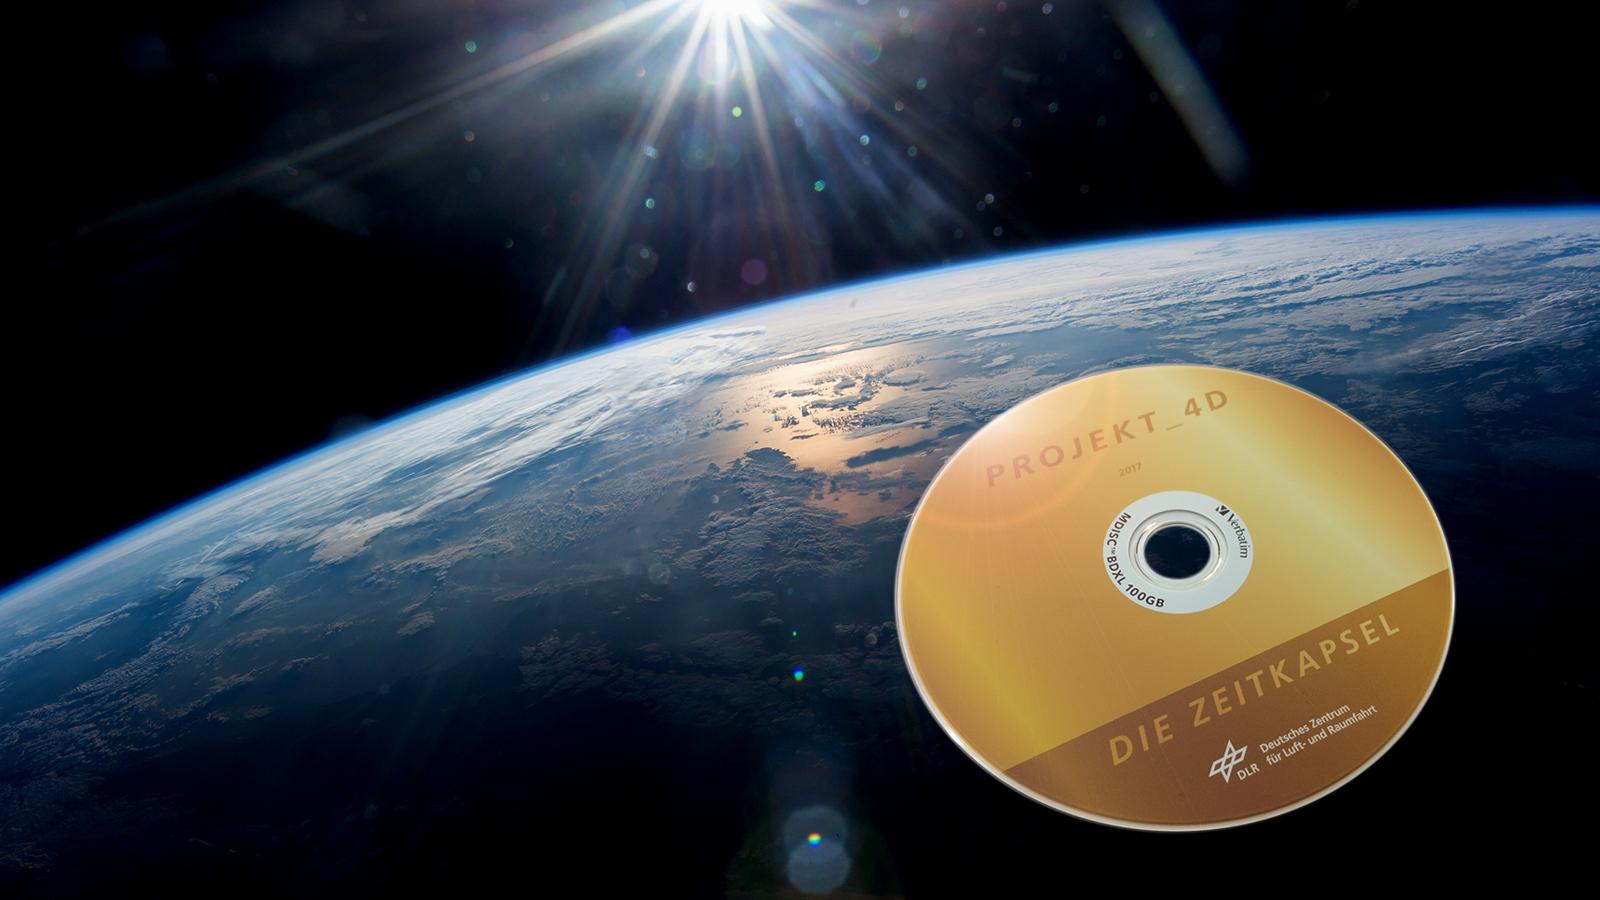 """Auf dieser speziellen CD – einer sogenannten M-Disc im Blu-ray-Format – wurden alle Einsendungen der insgesamt 8000 Schülerinnen und Schüler gespeichert. Alle diese Wünsche für die Zukunft fliegen mit Alexander Gerst viele Male um die Erde. Dann treten sie eine lange """"Reise in die Zukunft"""" an. Bild: DLR, NASA"""